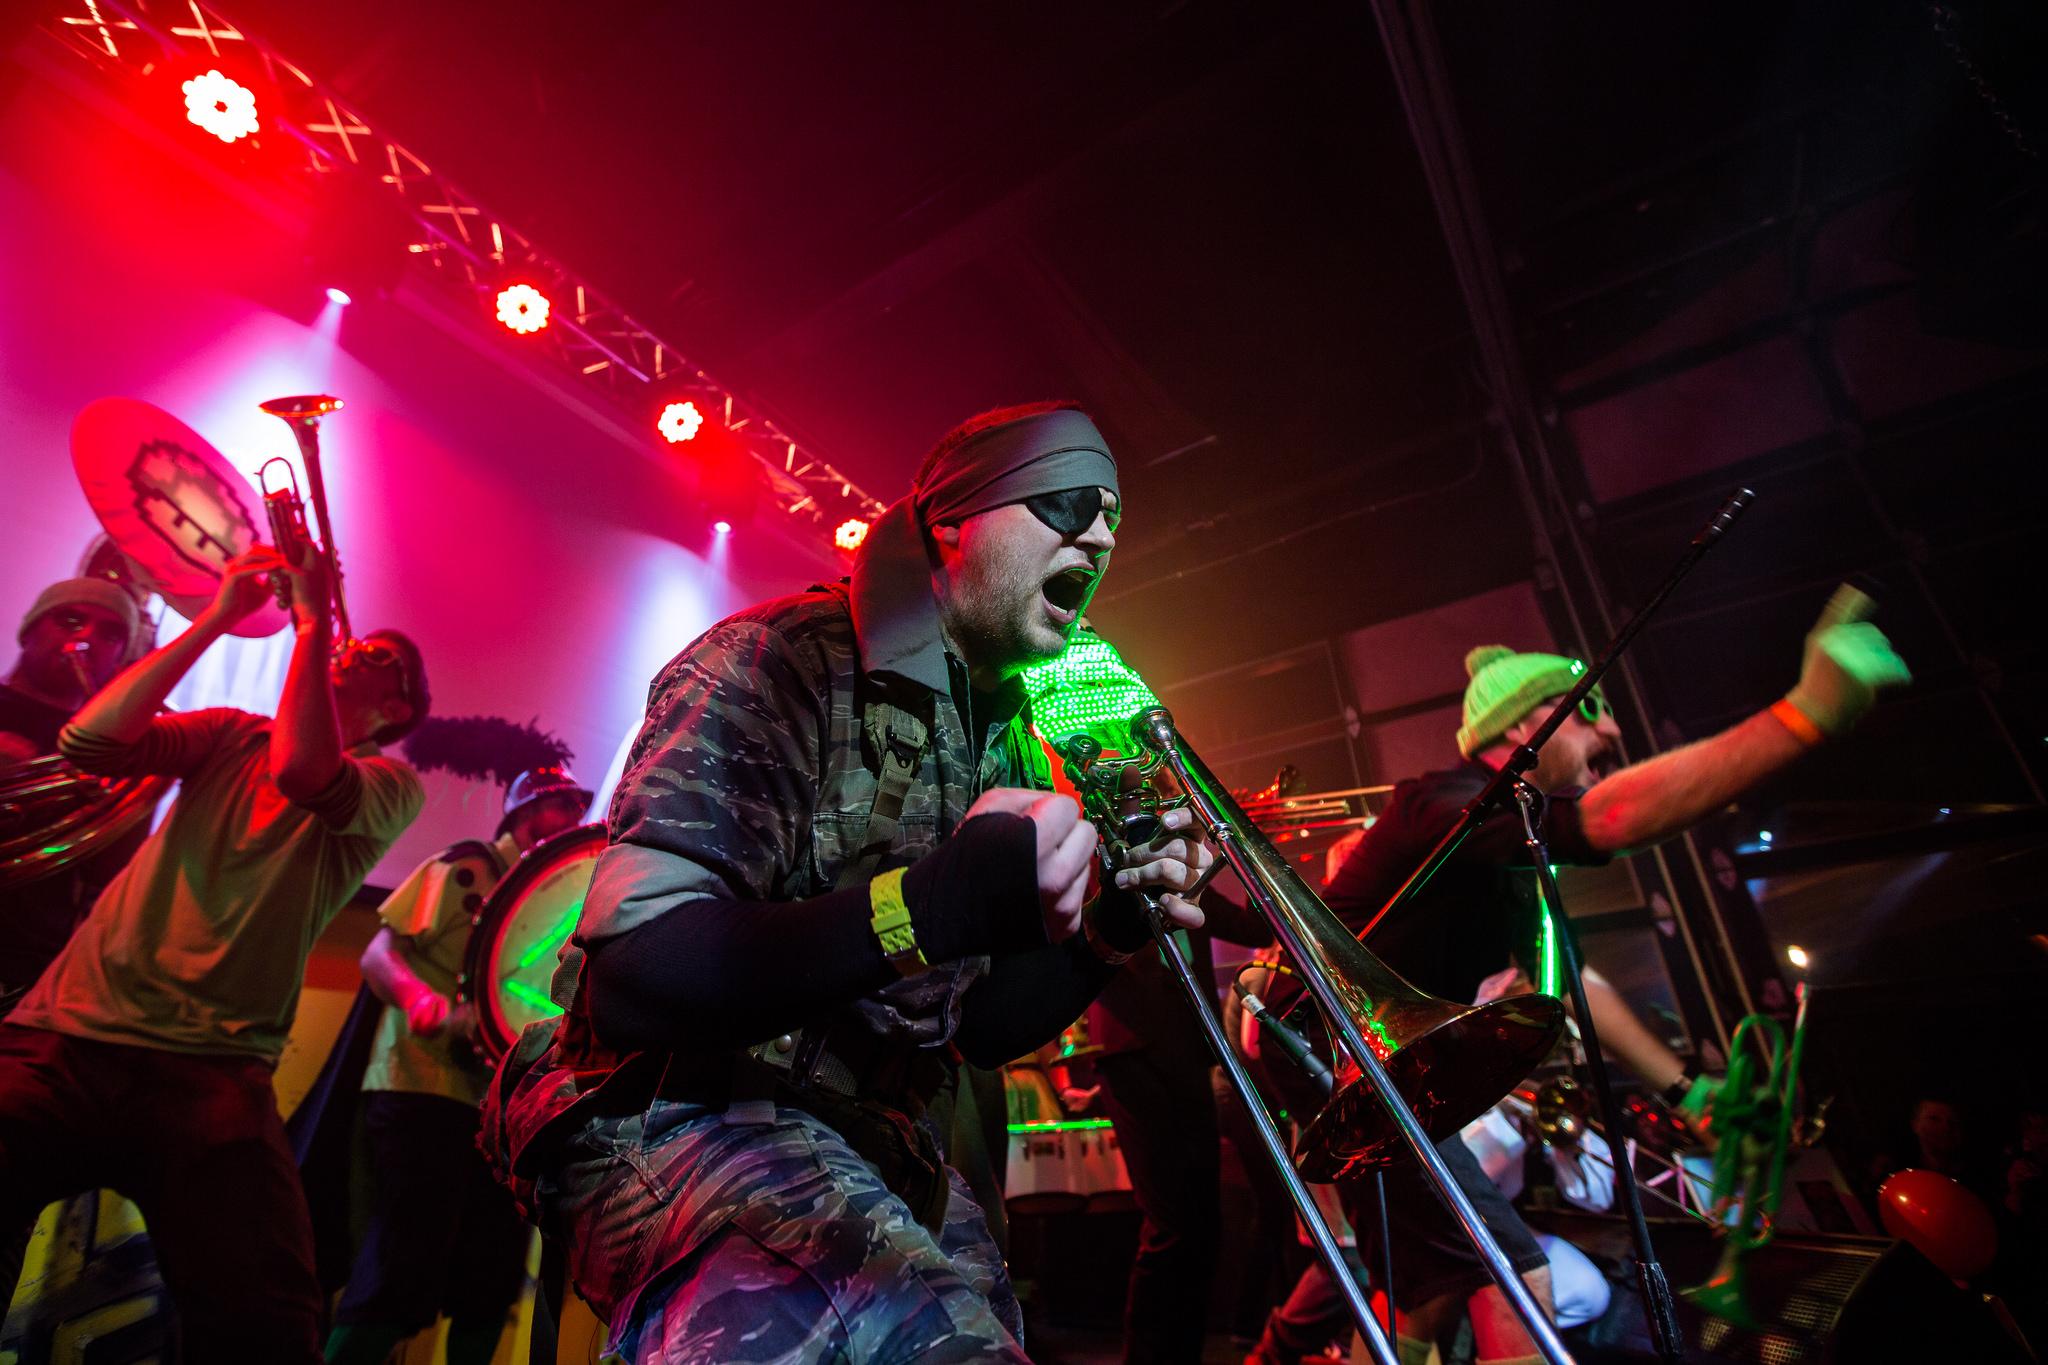 Seattle musicians grab Portland idea to seek fair treatment